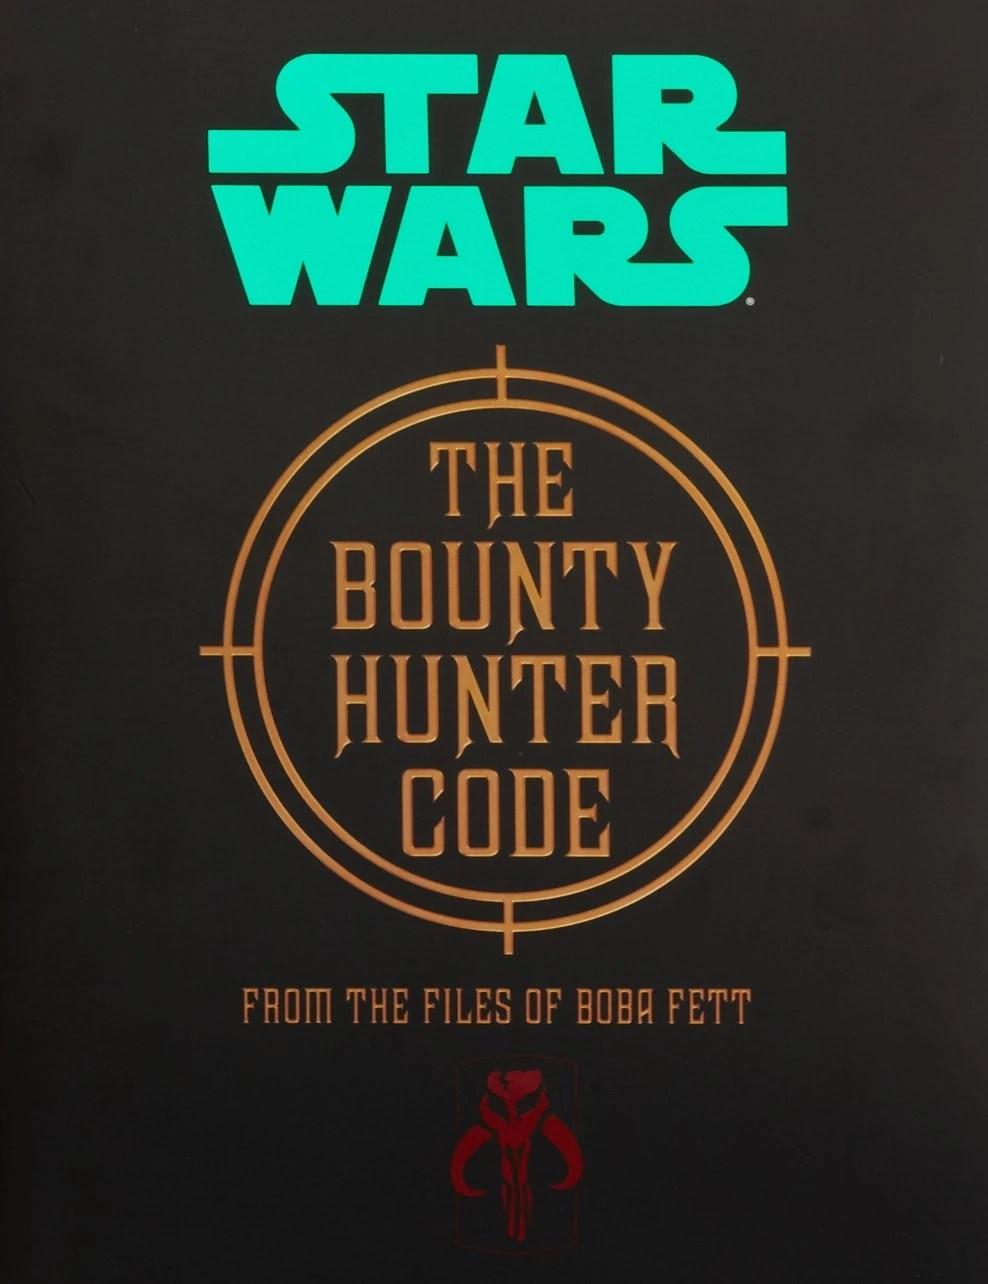 https://i0.wp.com/img2.wikia.nocookie.net/__cb20131019133037/starwars/images/1/13/BountyHunterCode.jpg